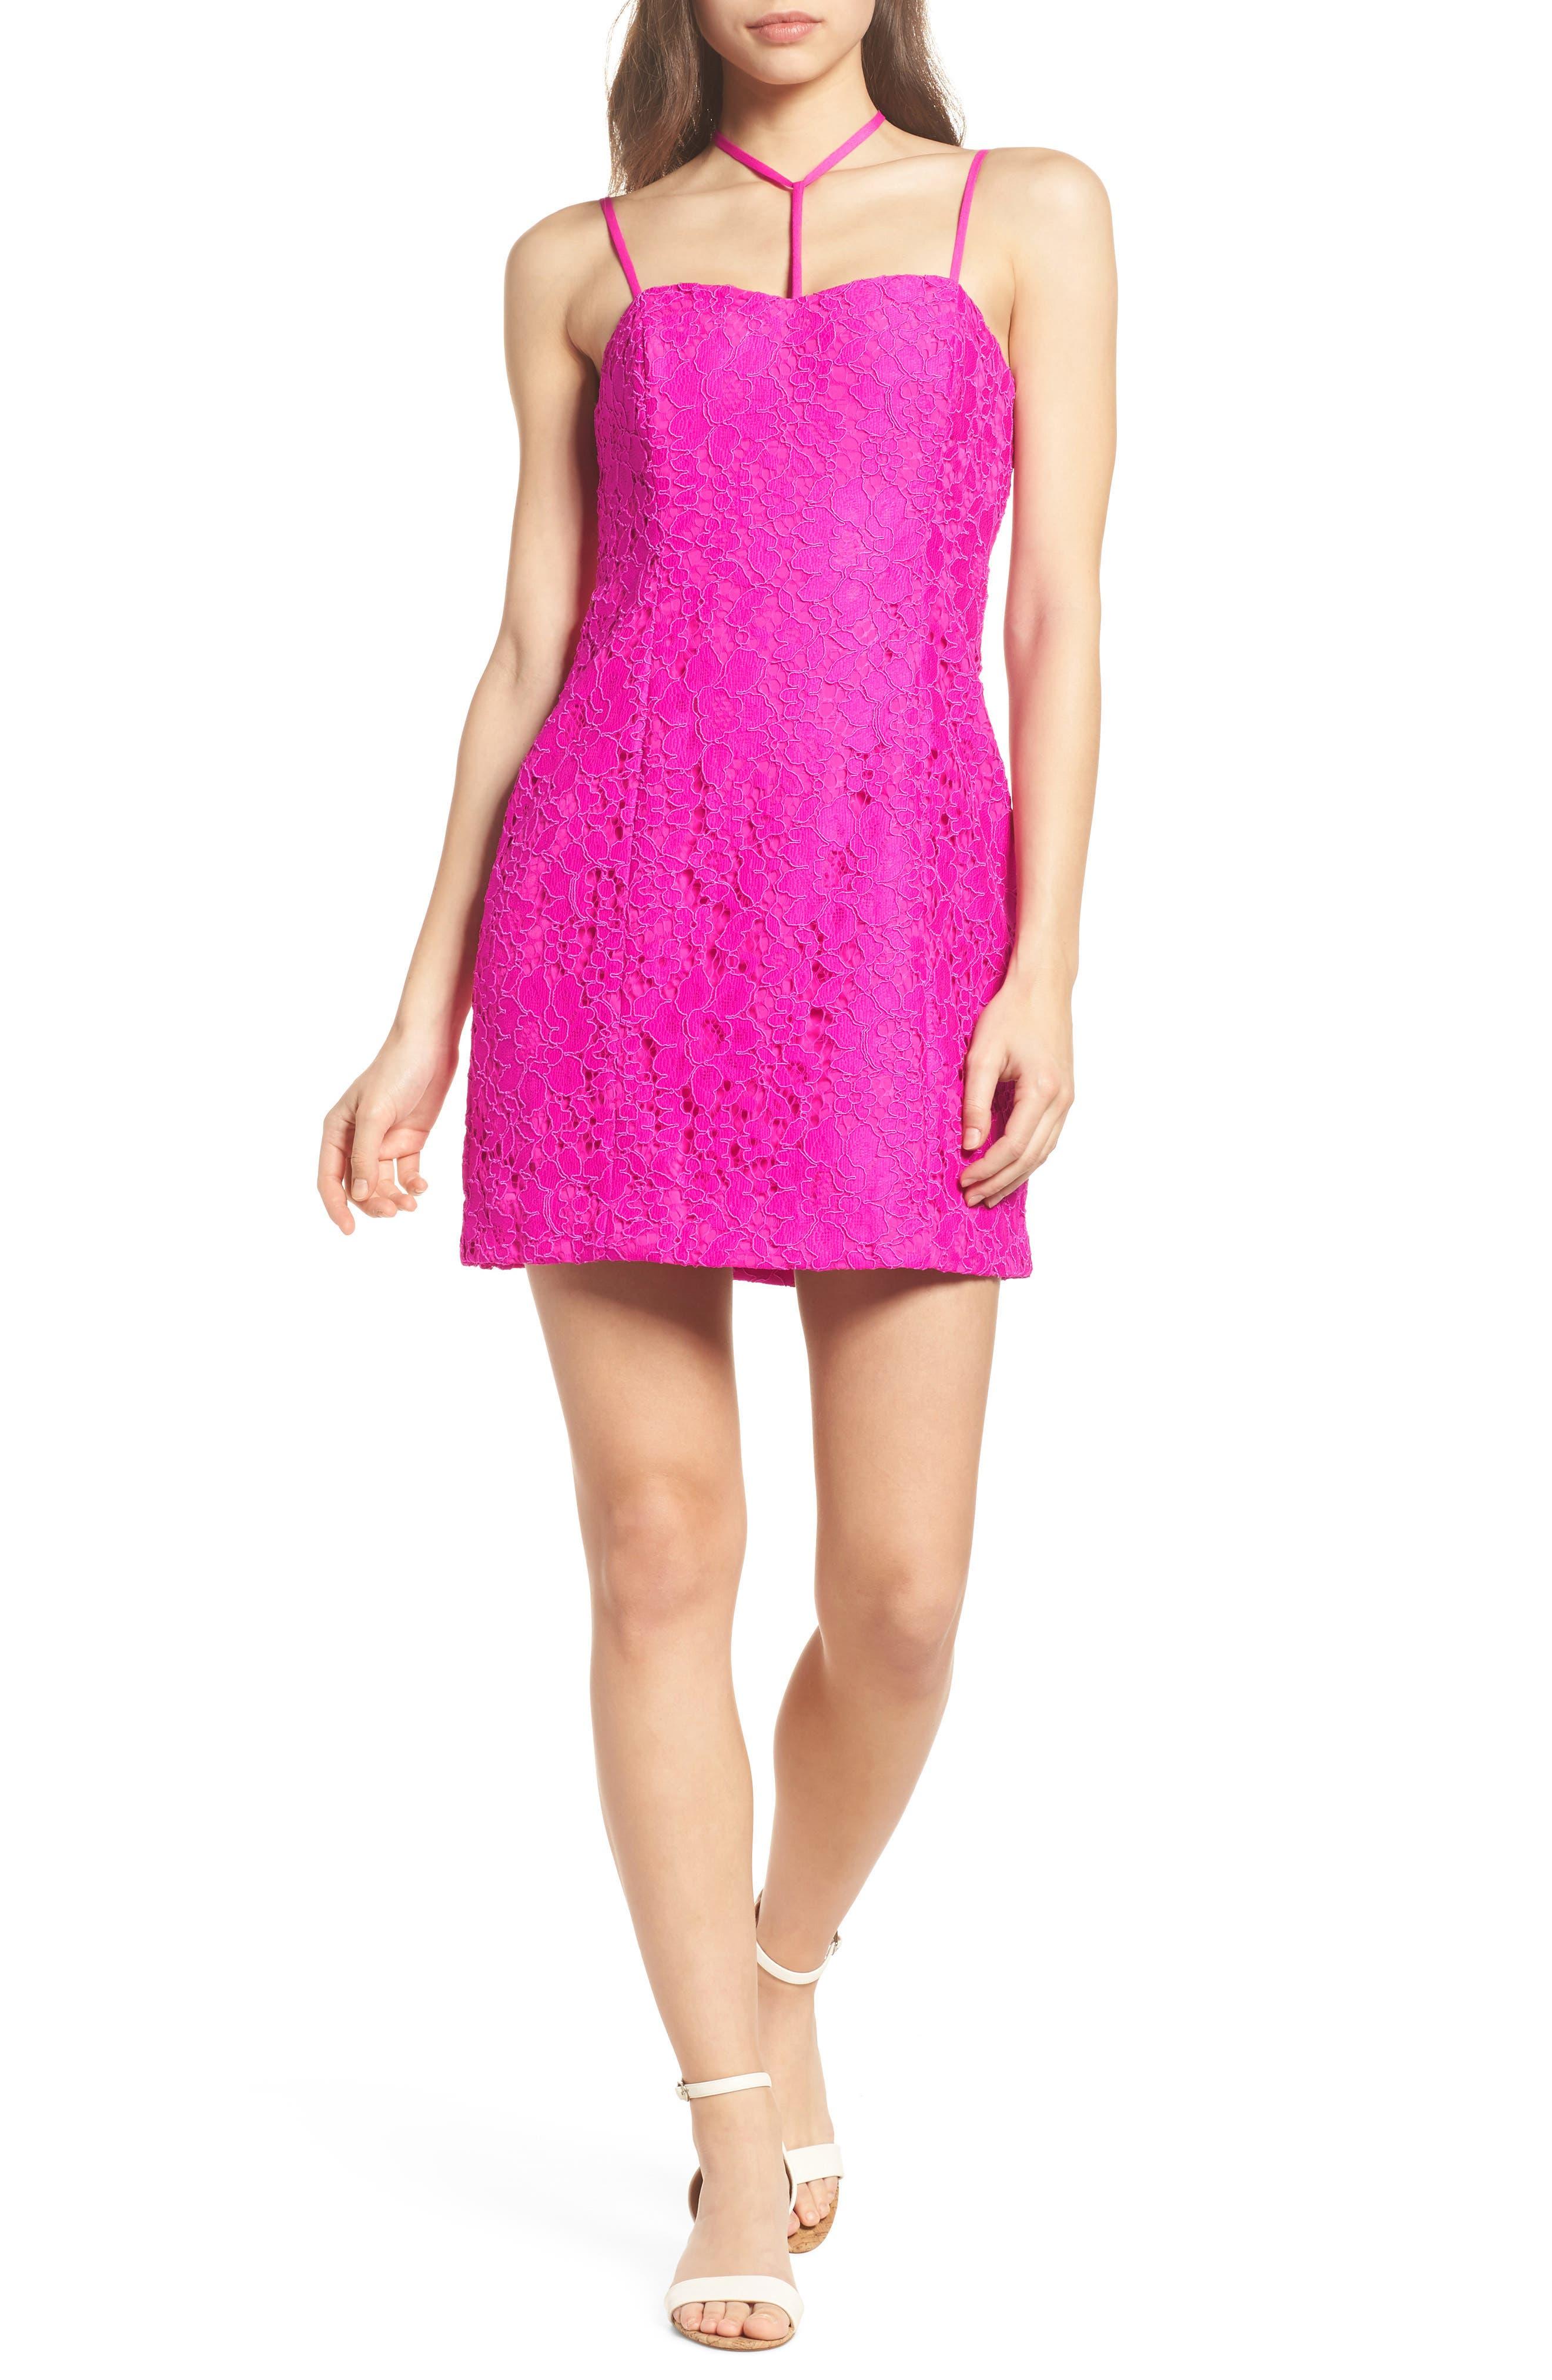 Demi Lace Dress,                             Main thumbnail 1, color,                             BERRY SANGRIA FLORAL LACE